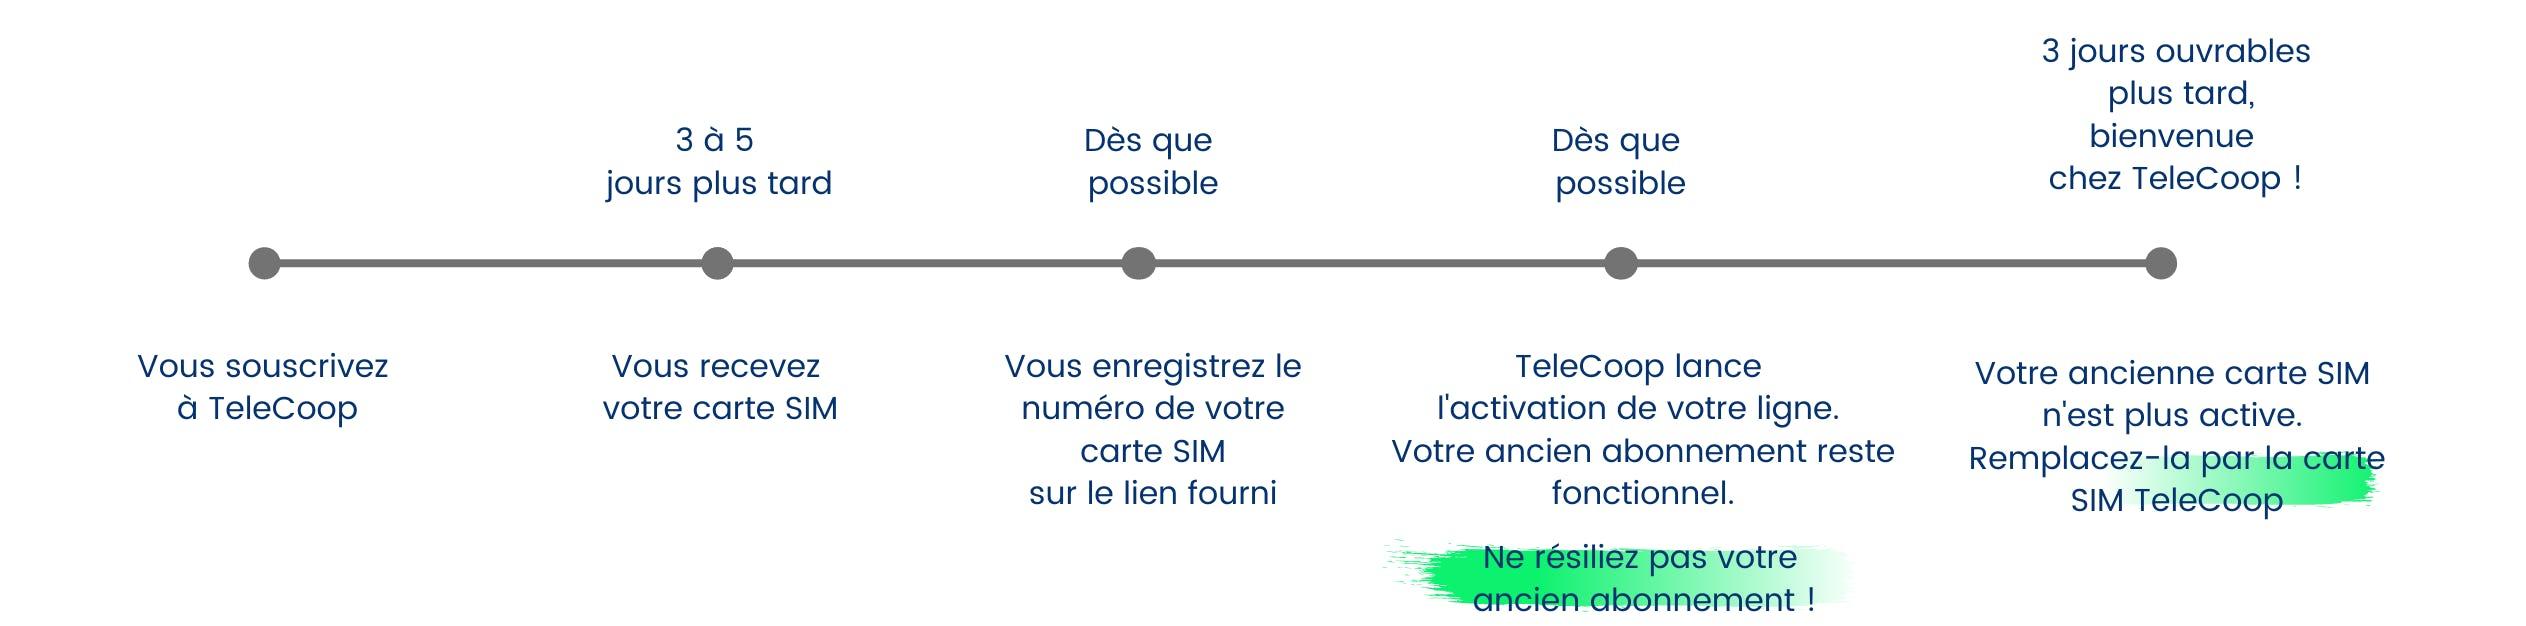 Frise indiquant les étapes pour conserver son numéro : souscription, reception de la carte Sim (3 à 5 jours plus tard), enregistrement du numéro de la carte sim, activation de la ligne, désactivation de l'ancienne carte sim (3 jours ouvrables plus tard)